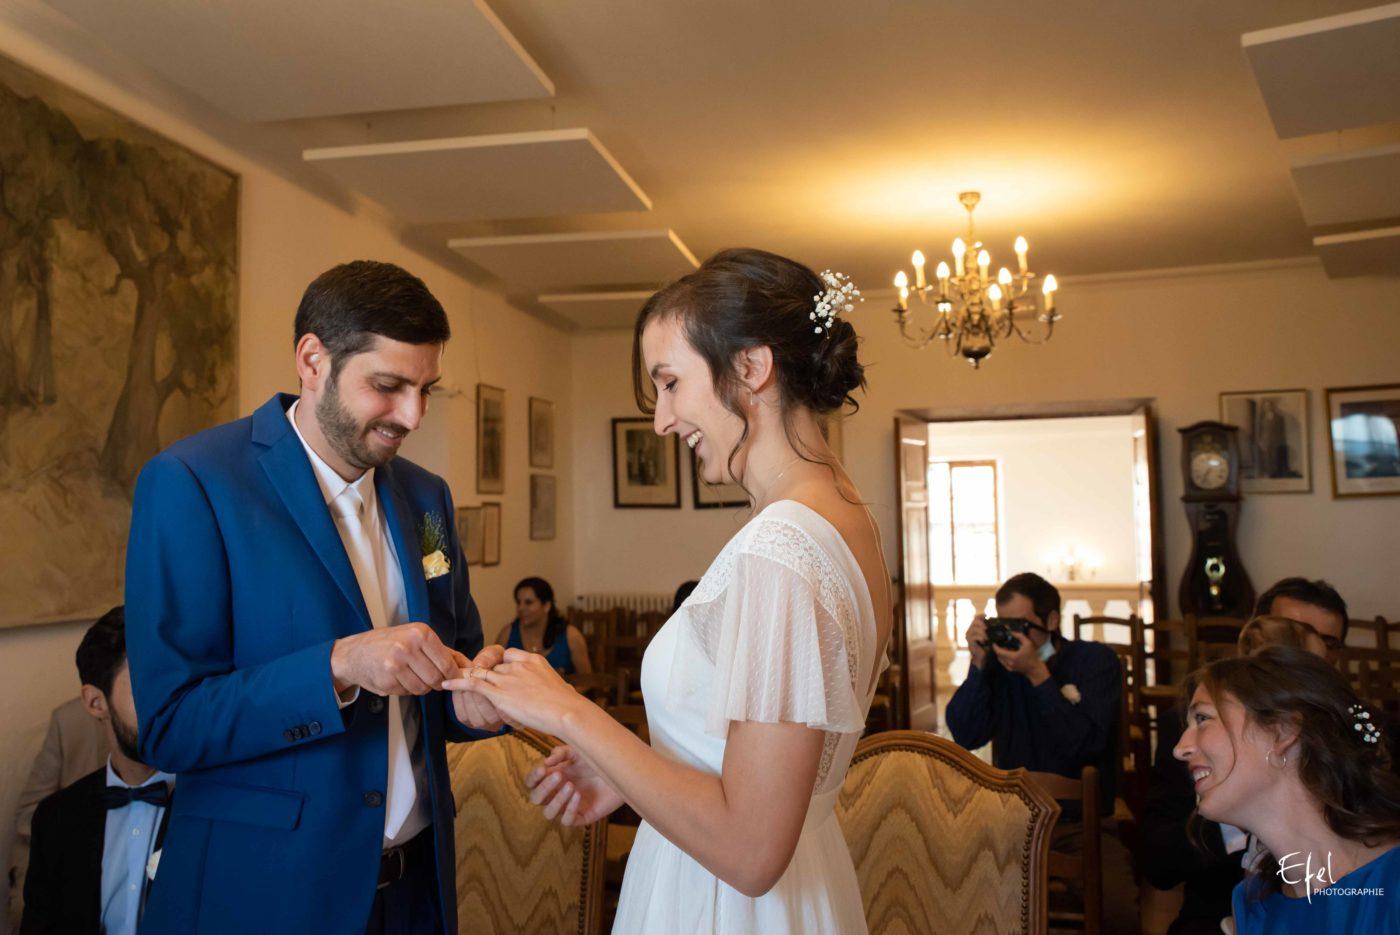 Le marié passe la bague au doigt à sa femme - photographe de mariage à gap, à briançon, à embrun